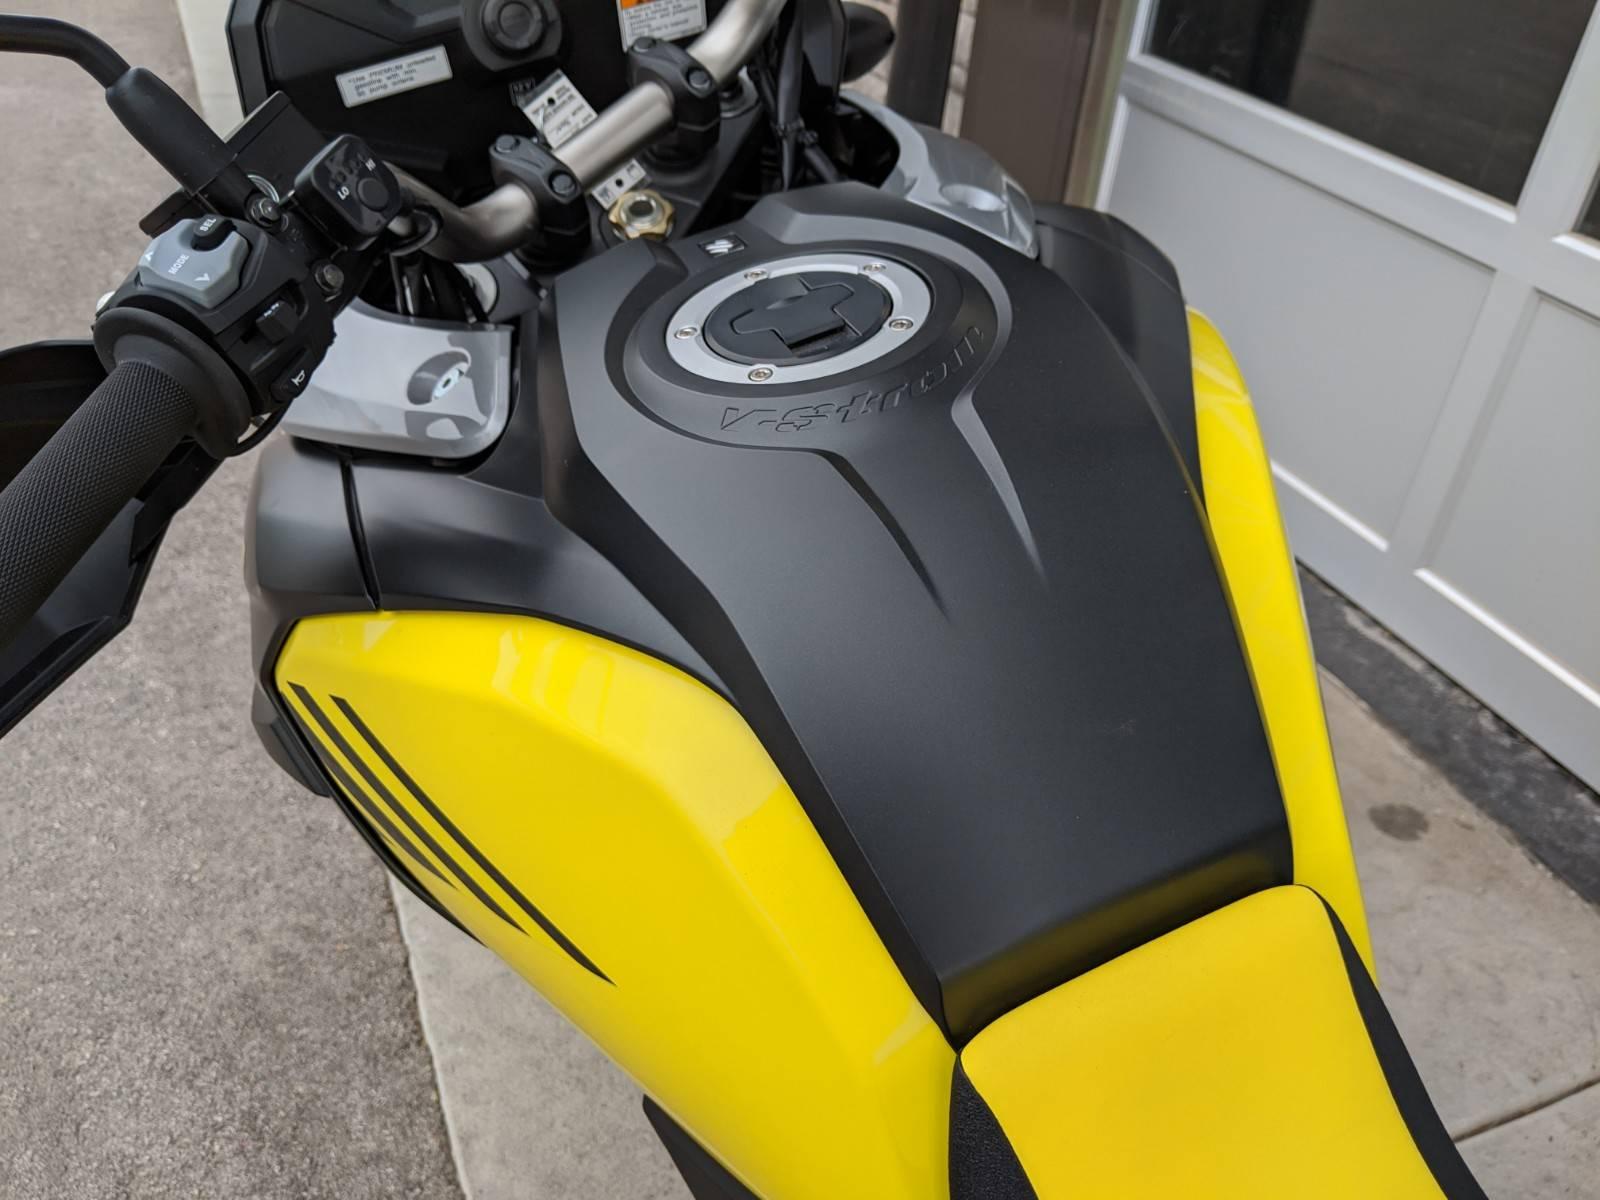 2018 Suzuki V-Strom 1000XT 12